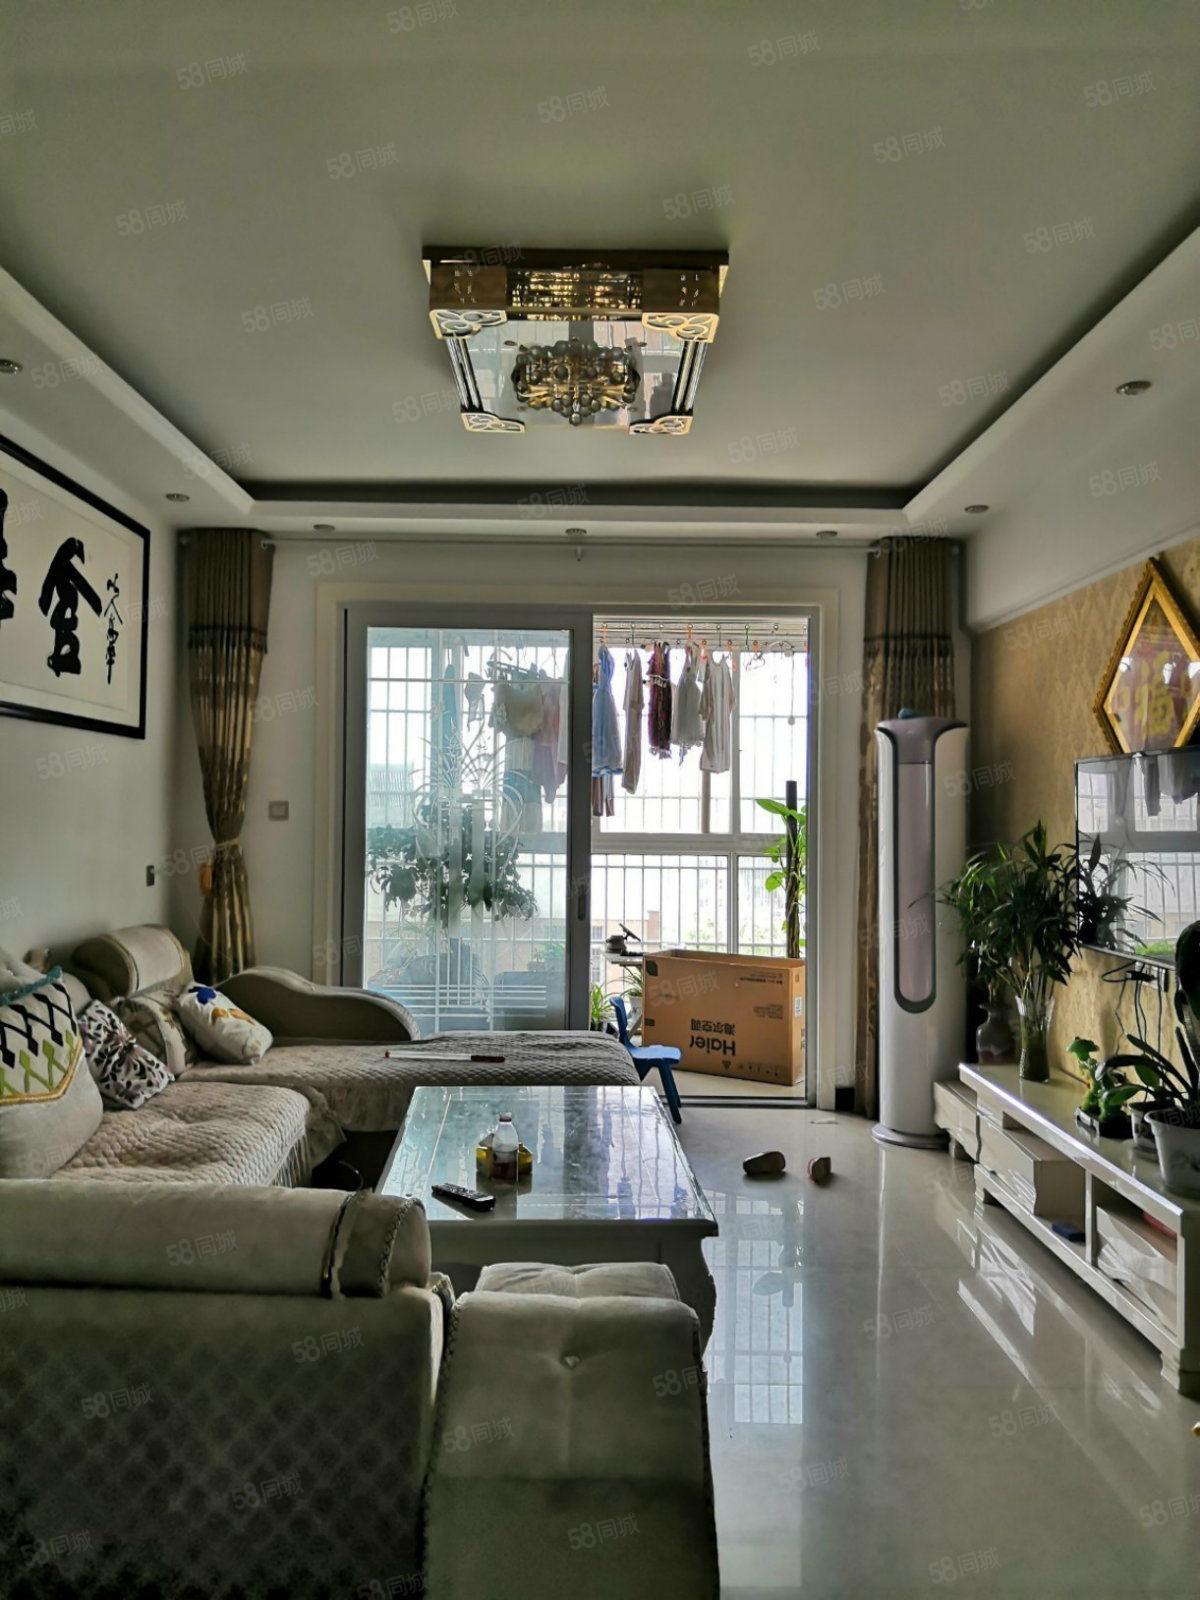 银基万和苑二期3室2厅2卫精装送家具家电有证可按揭65万